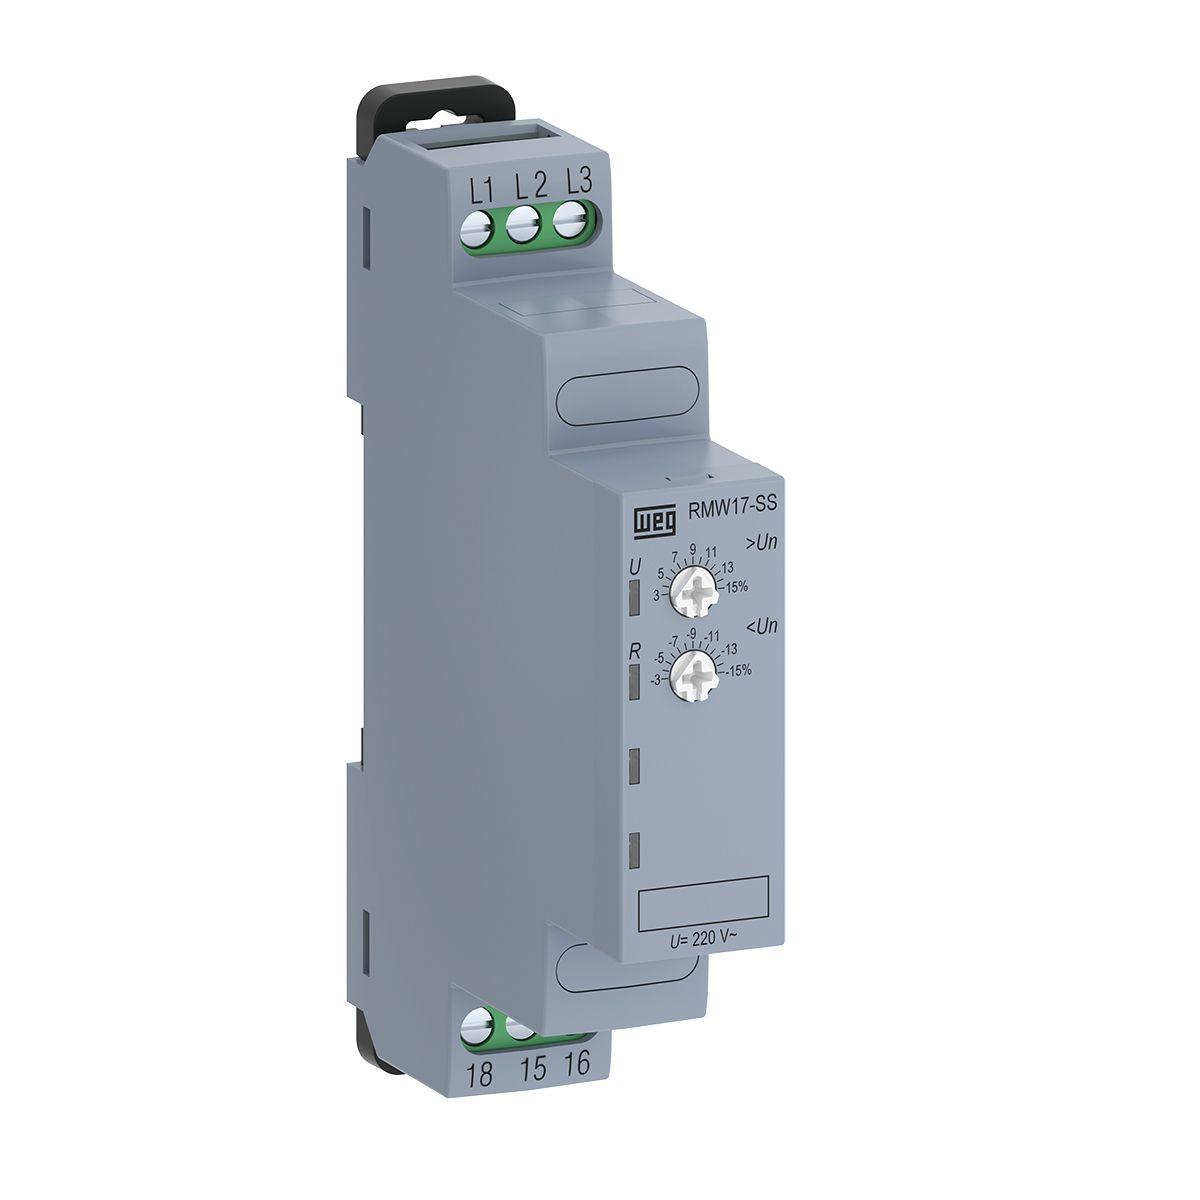 Relé Monitoração Sub e Sobretensão Trifásico 220V RMW17 WEG